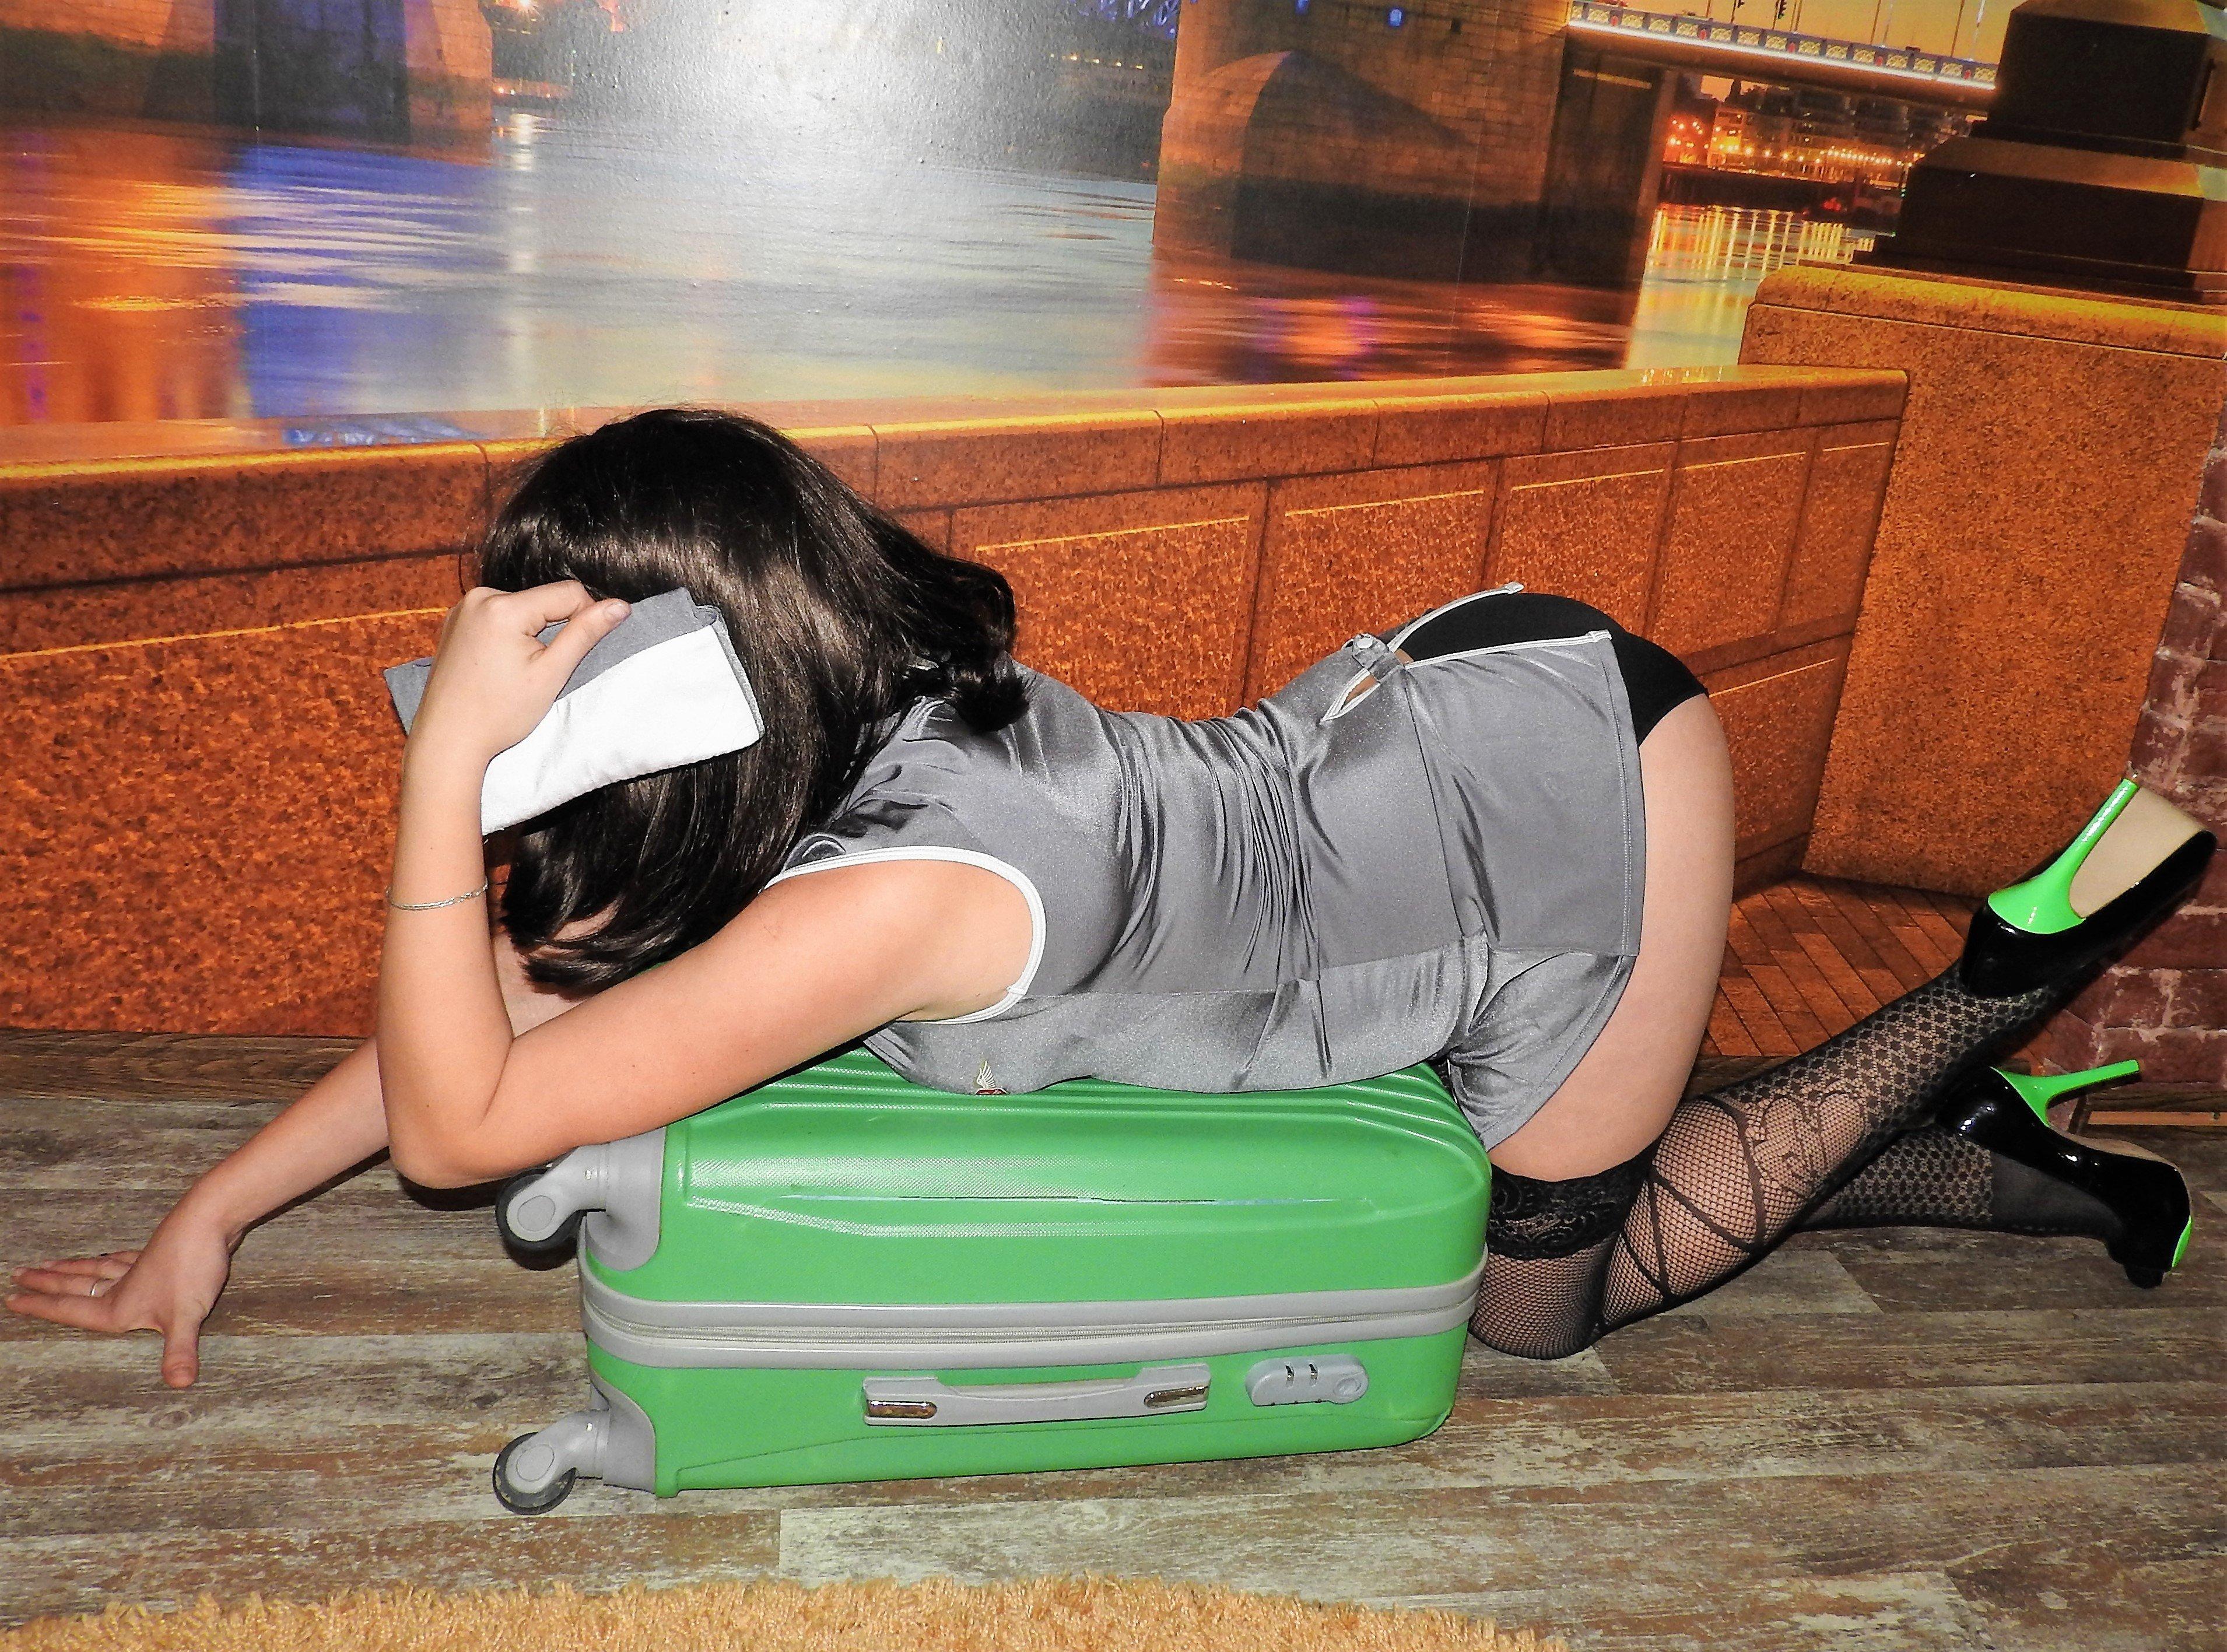 Где снять дешево проститутку в уф проститутки тюменьрском